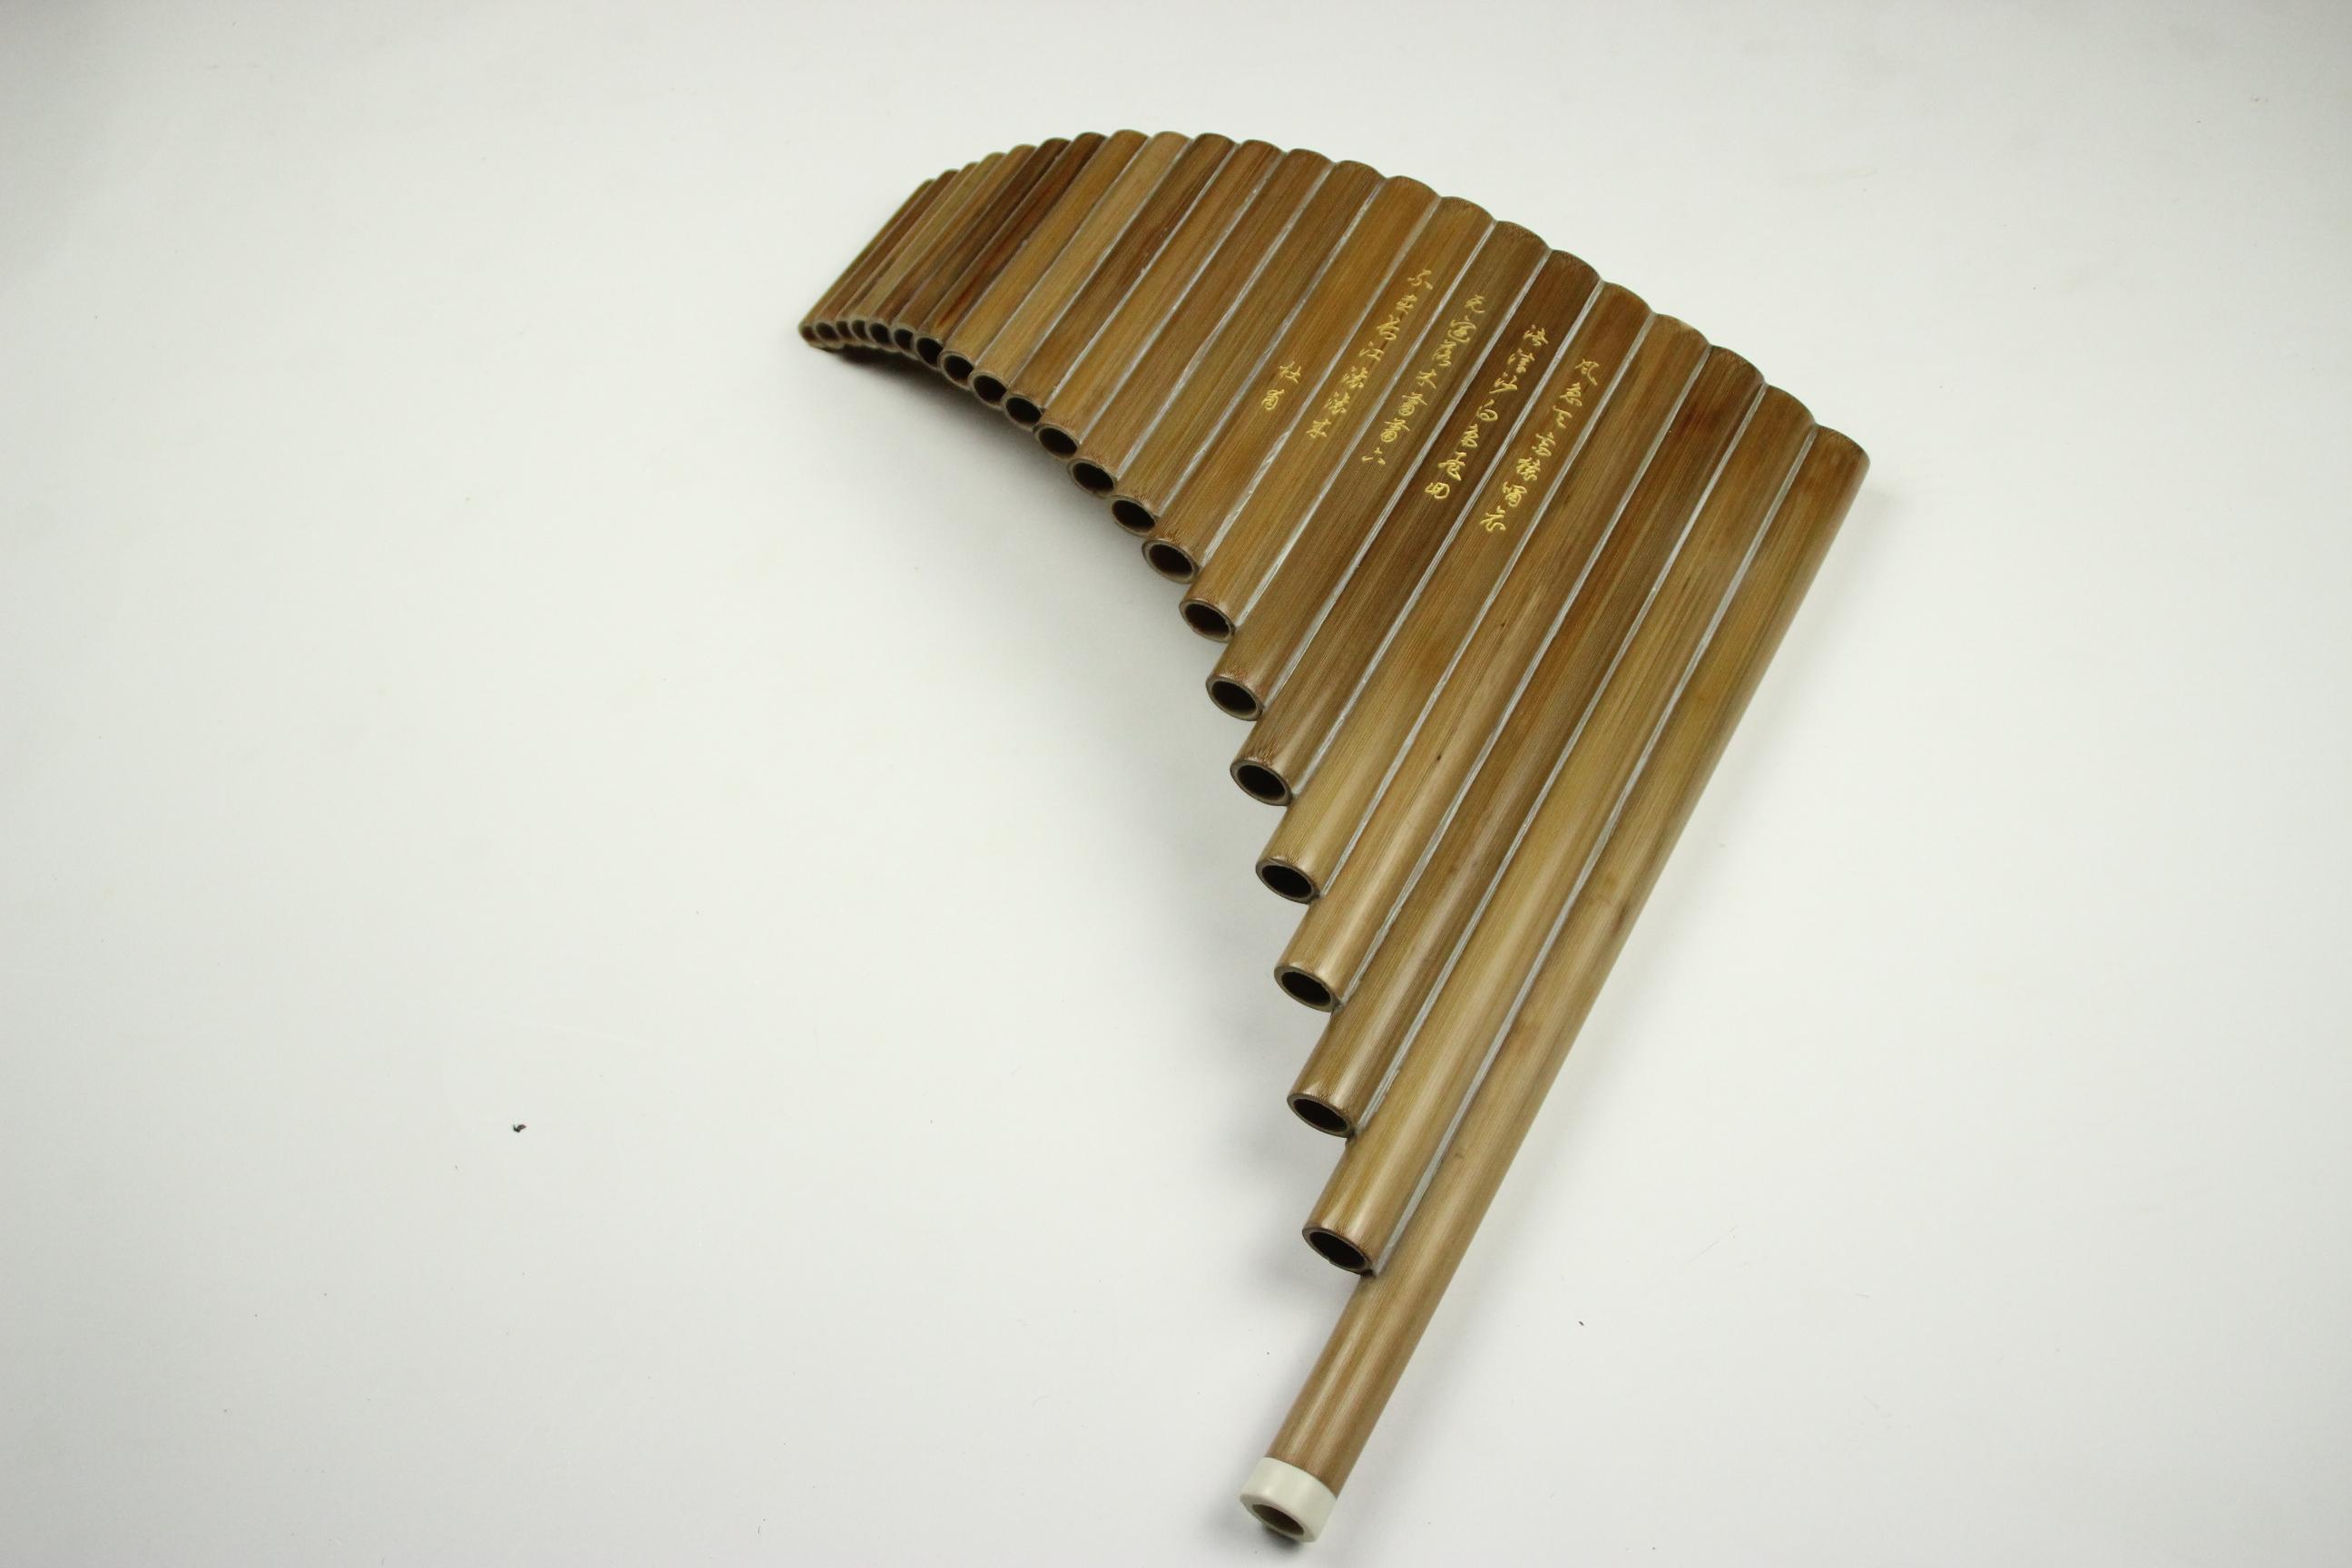 管包邮 15 管排箫民族吹奏乐器排萧乐器 22 15 初学入门 排箫乐器